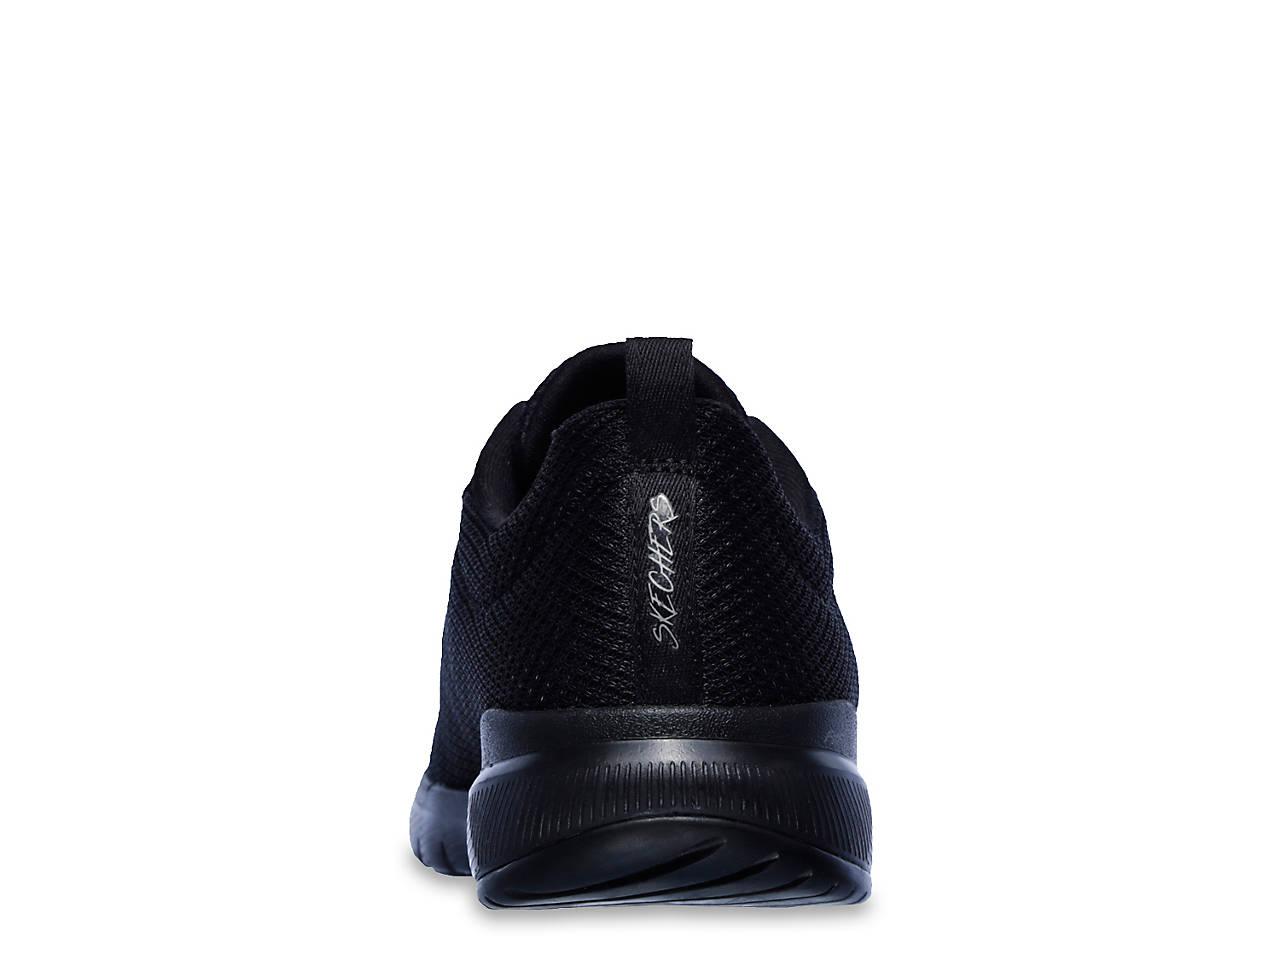 918738bb Skechers Flex Appeal 3.0 First Insight Sneaker - Women's Women's ...